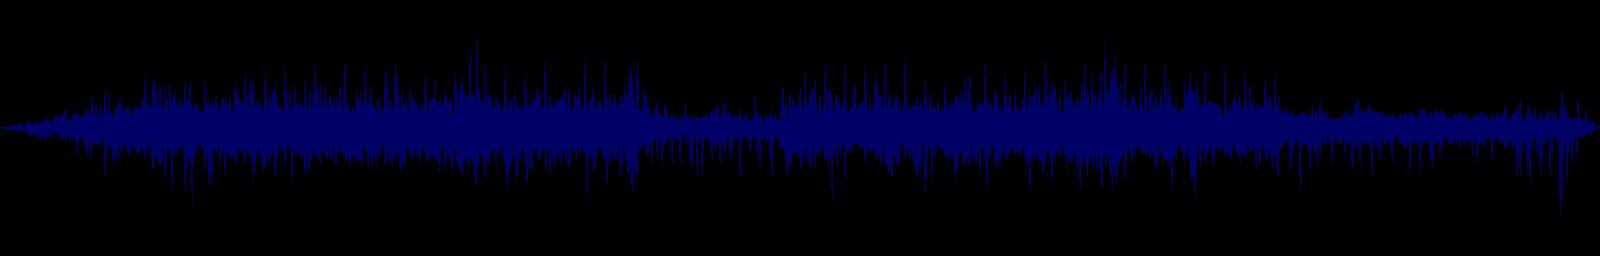 waveform of track #142331